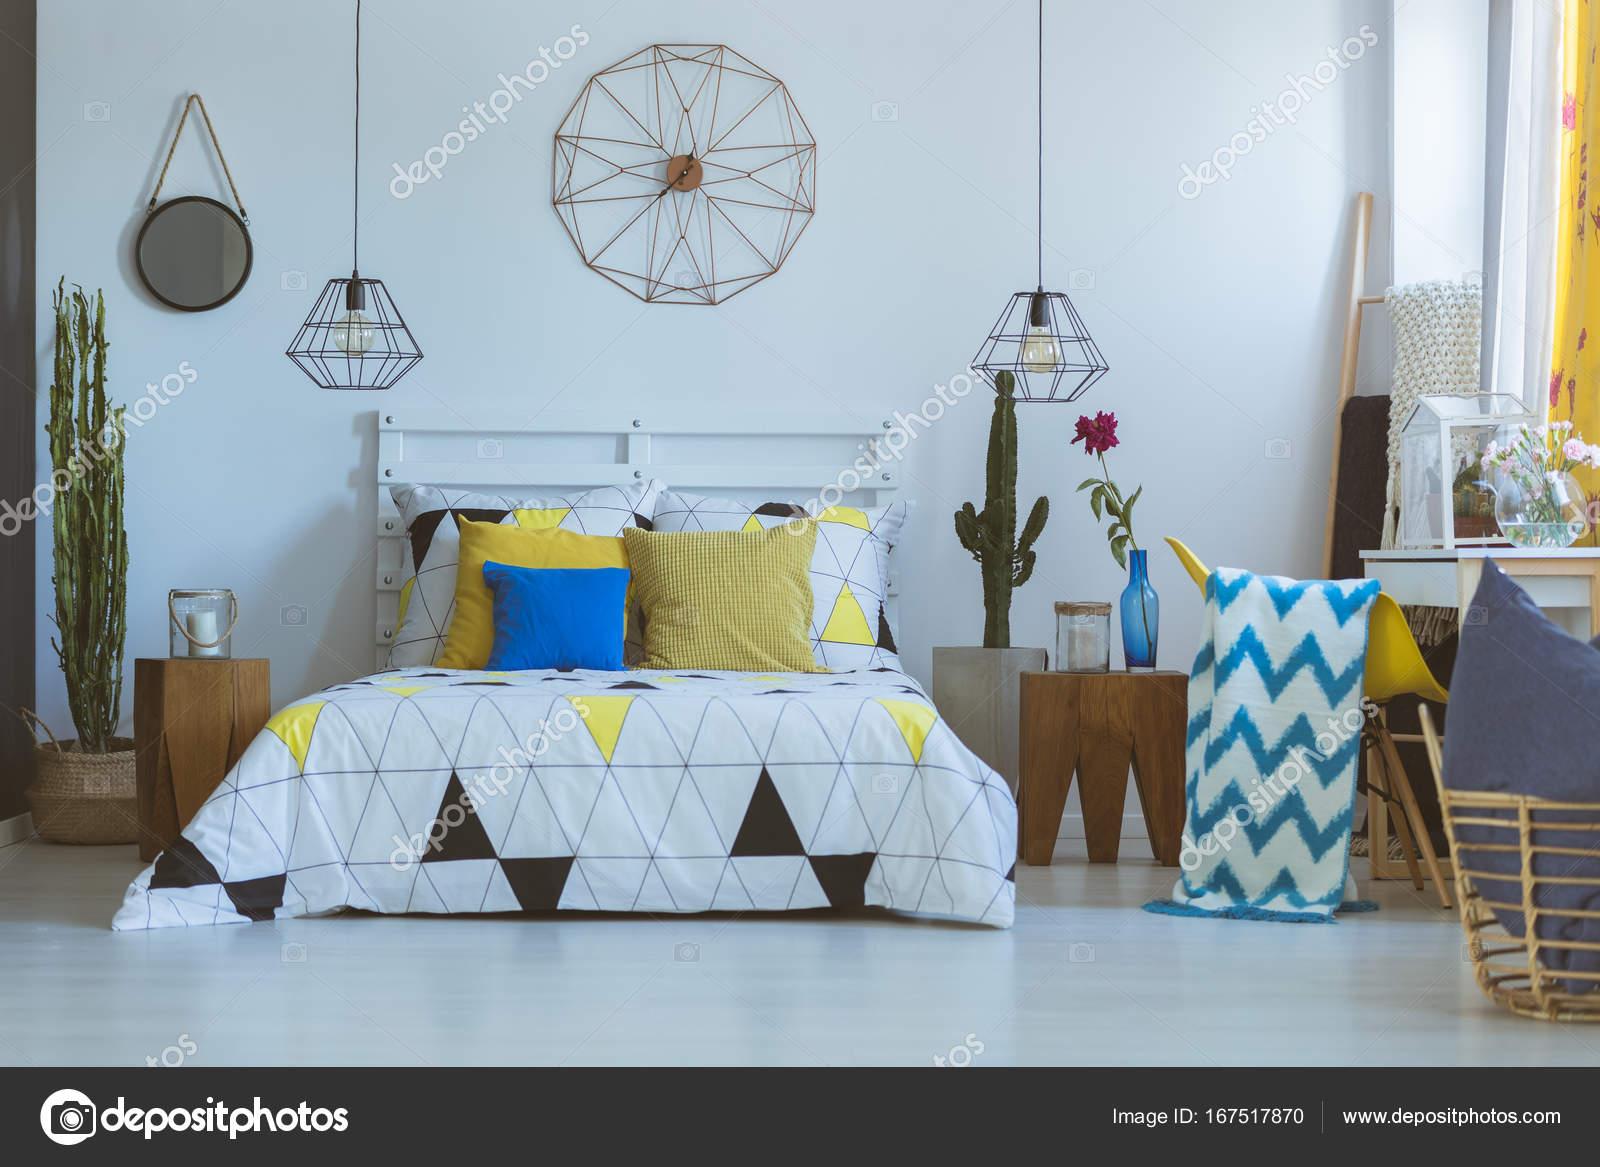 https://st3.depositphotos.com/2249091/16751/i/1600/depositphotos_167517870-stockafbeelding-decoratieve-klok-in-folk-slaapkamer.jpg